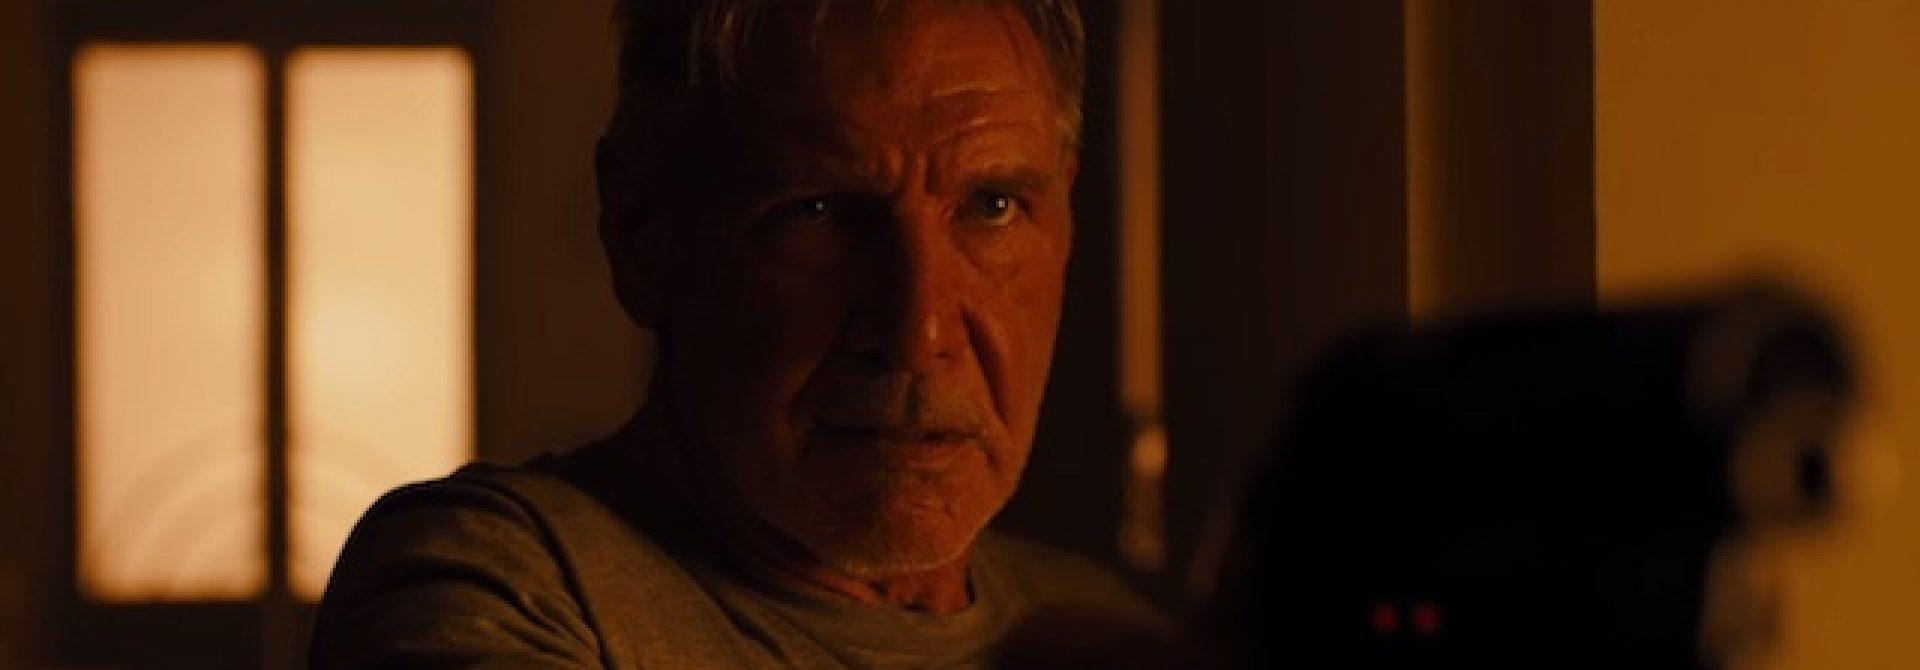 Blade Runner 2049 Director Could Helm Dune Reboot